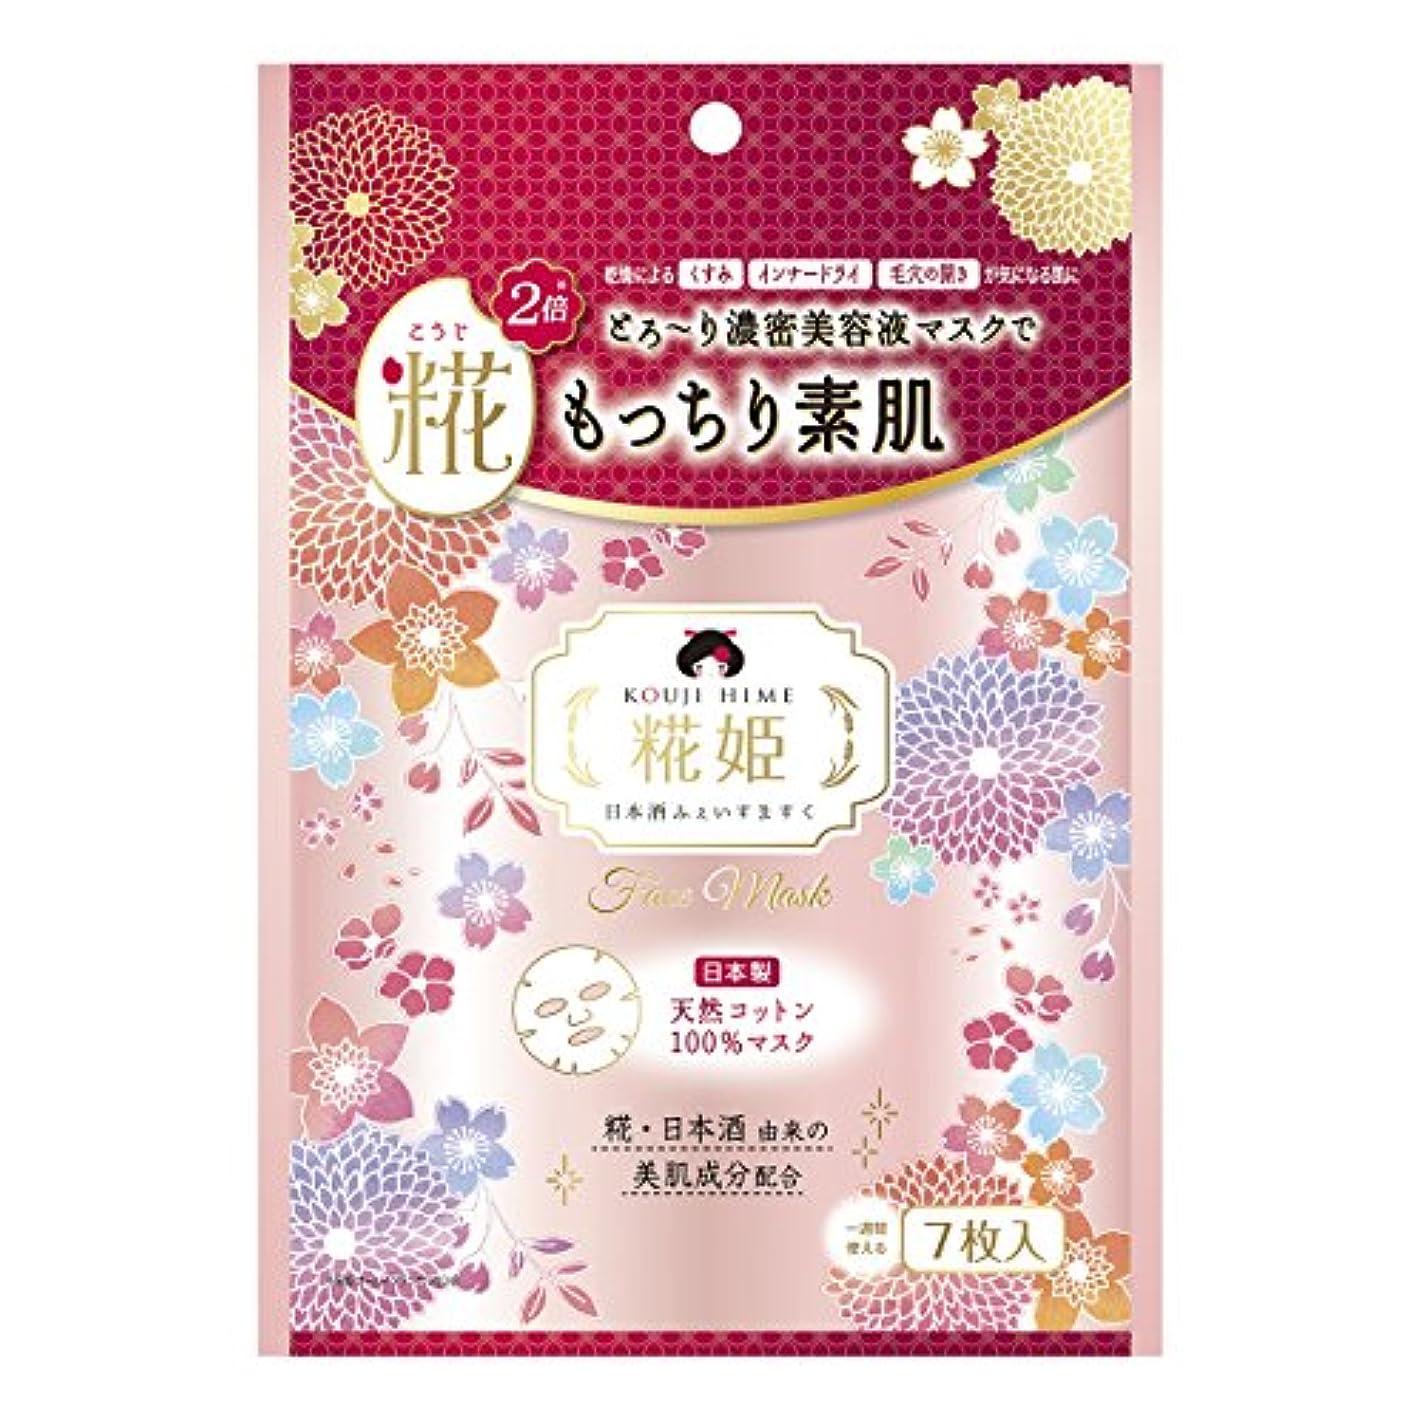 ほかにあえぎ貞糀姫 ふぇいすますく 7枚入 (エッセンス 110mL)